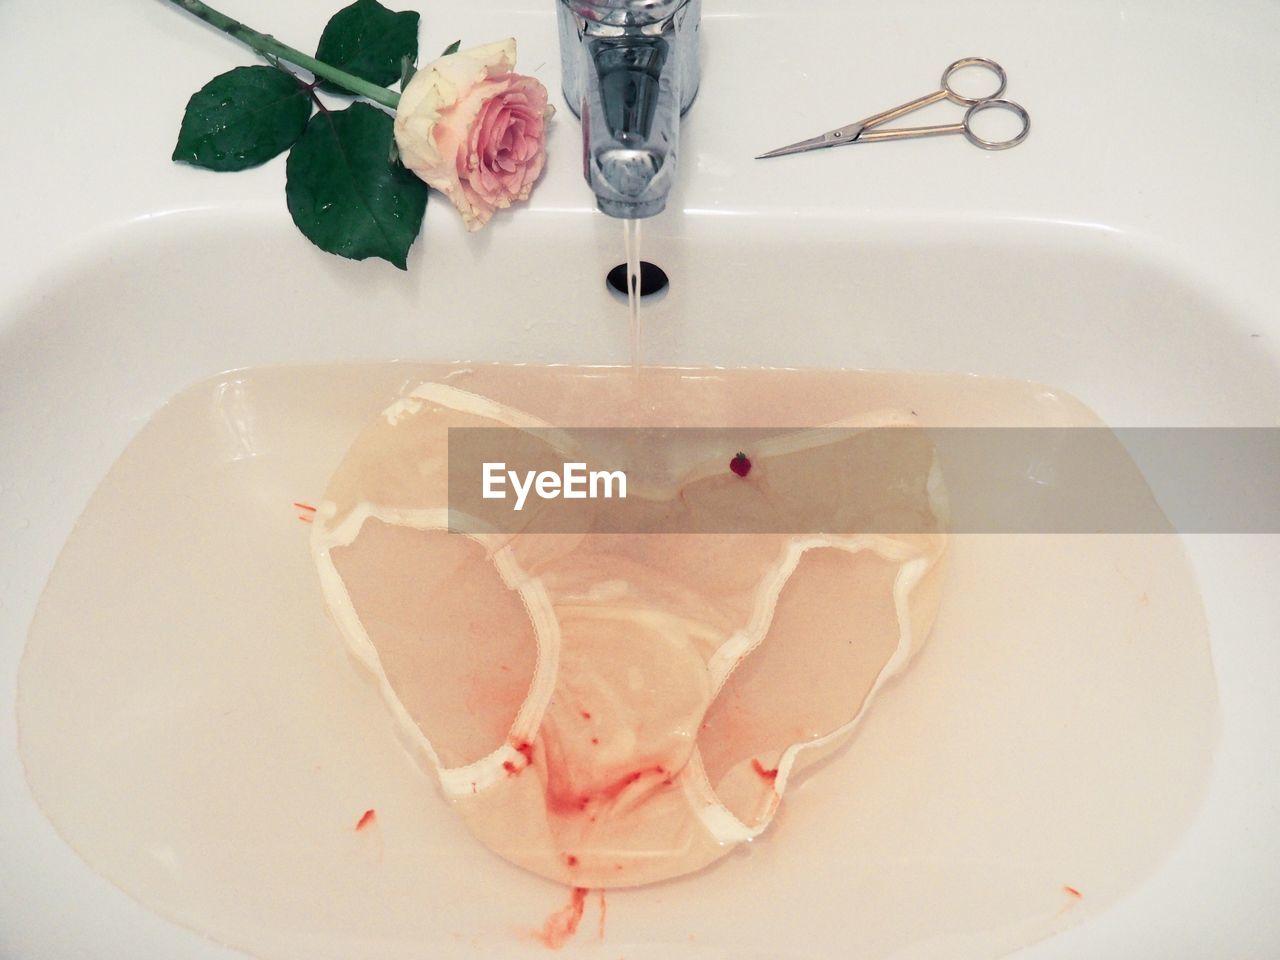 Stained underwear under running water in sink